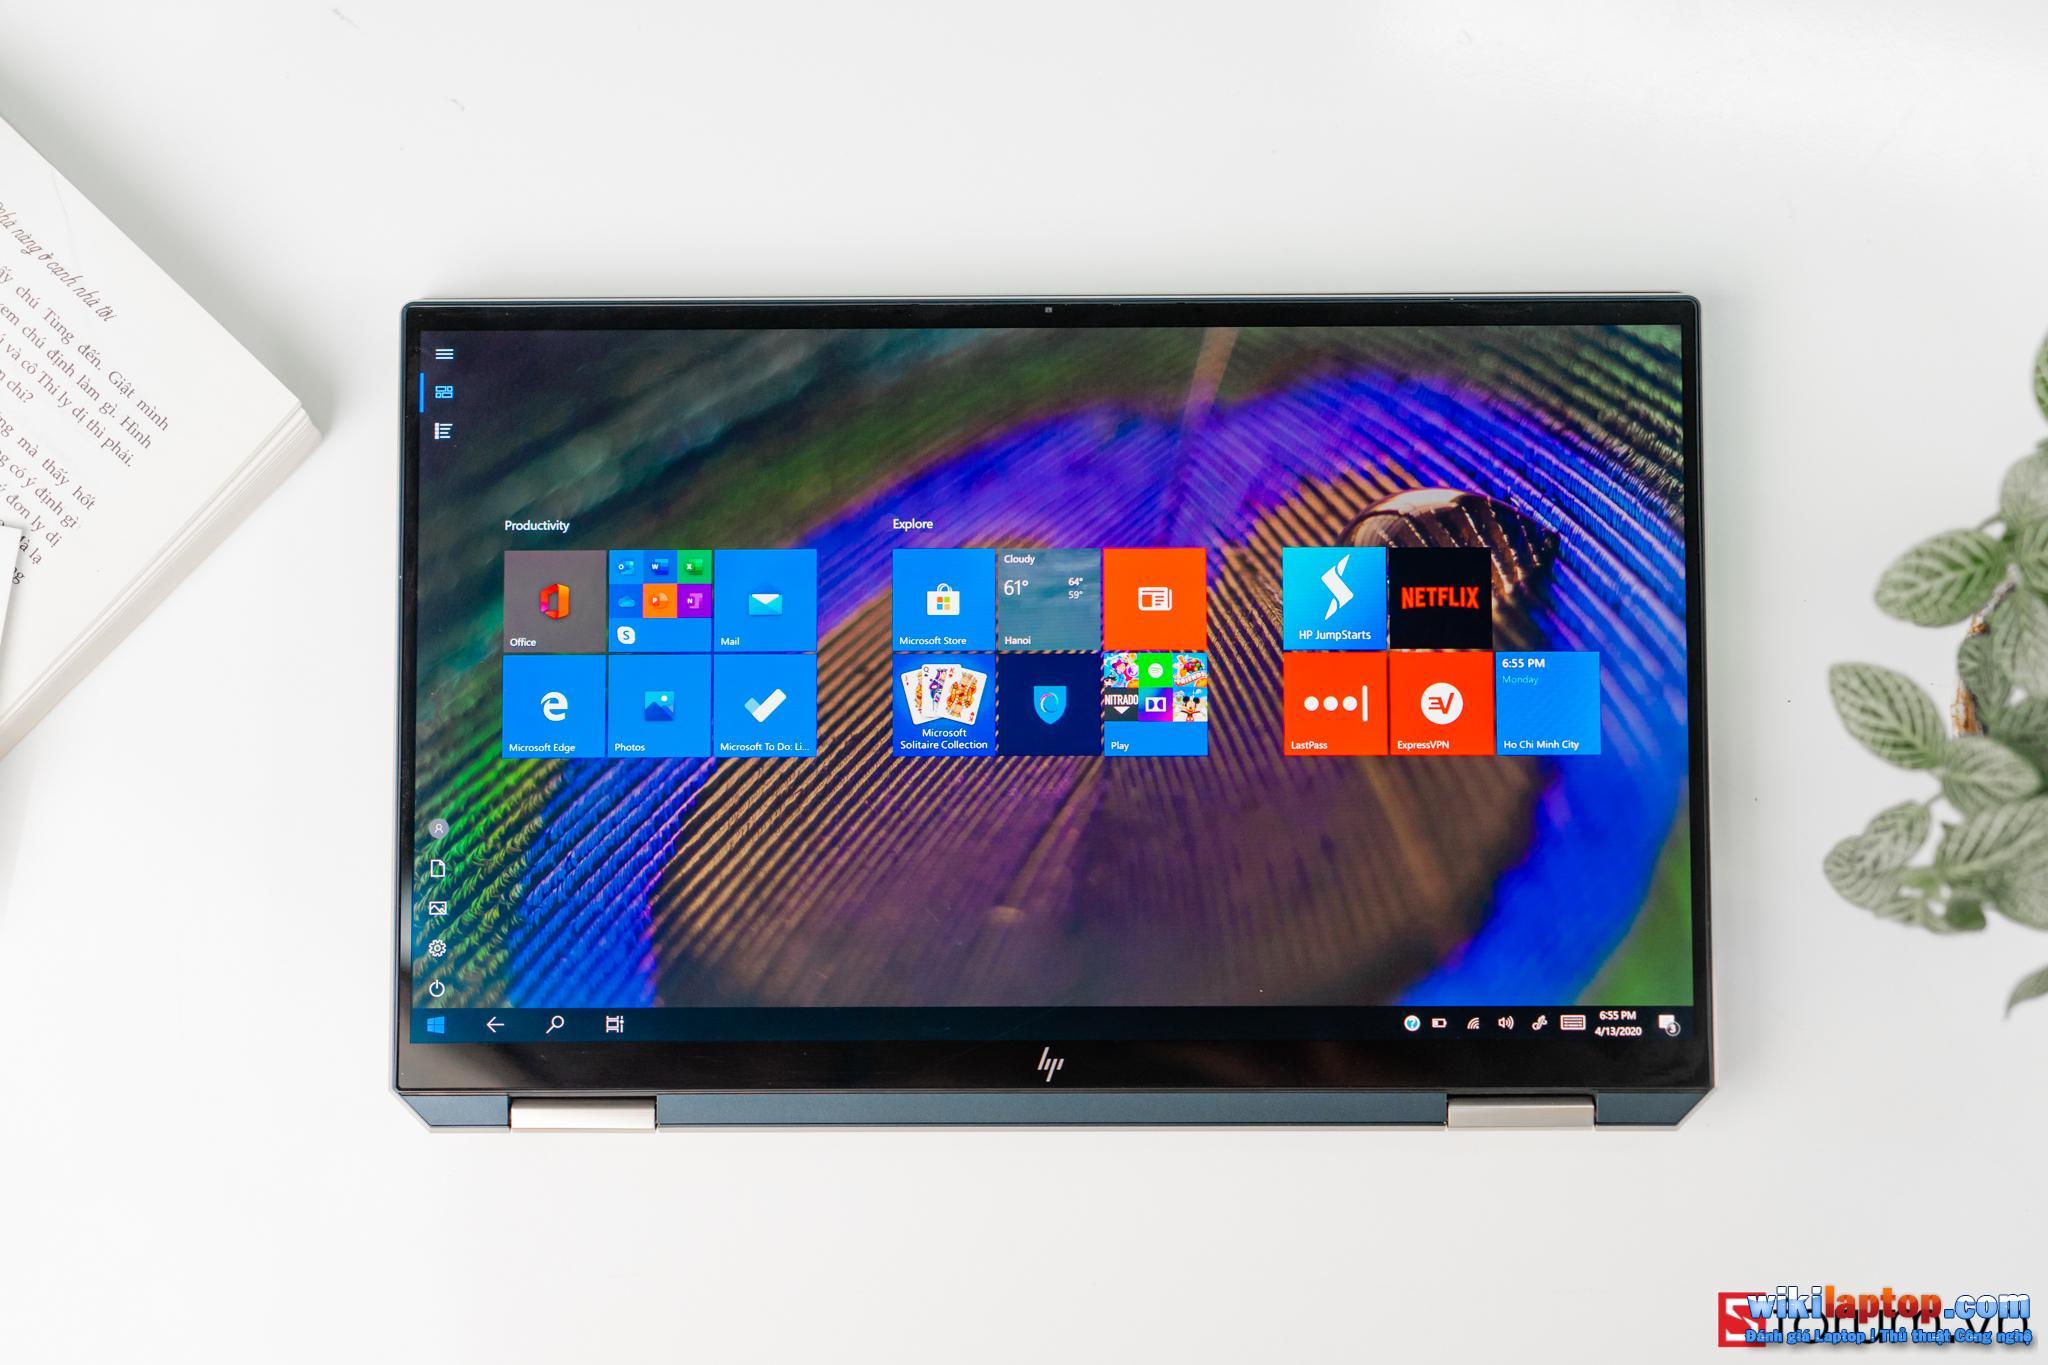 Sforum - Trang thông tin công nghệ mới nhất CPS-HP-Specter-X360-13-43 Đánh giá chi tiết về HP Spectre x360 13: Có gì bên trong một chiếc Laptop có giá gần 50 triệu HP?